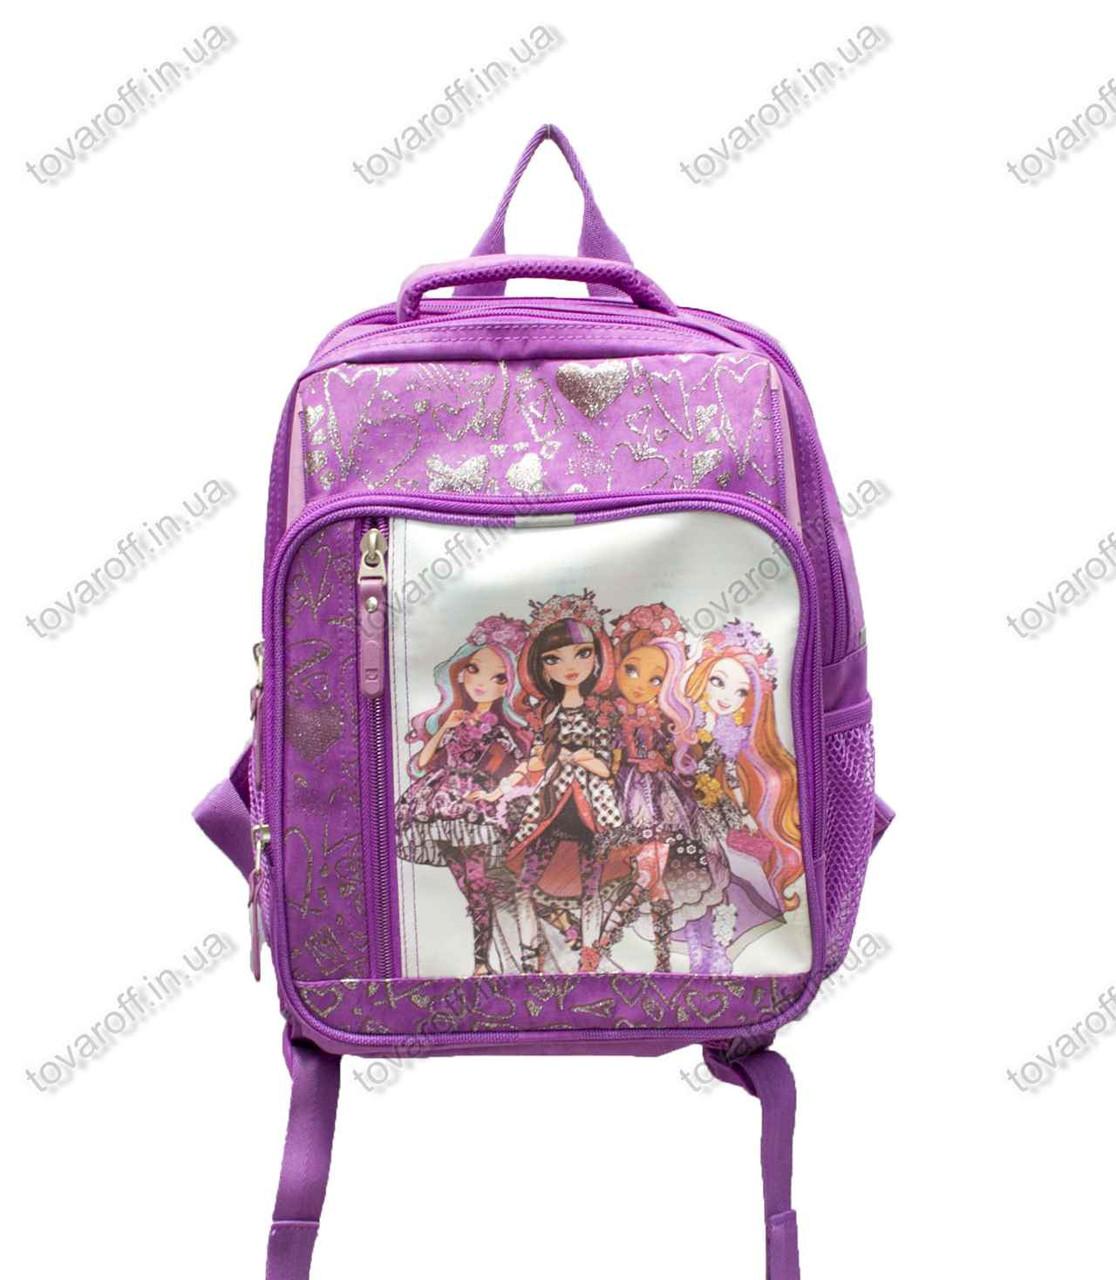 Оптом рюкзак школьный детский Монстер Хай (Monster High) - Фиолетовый - MeShock (Bagland) - 11270